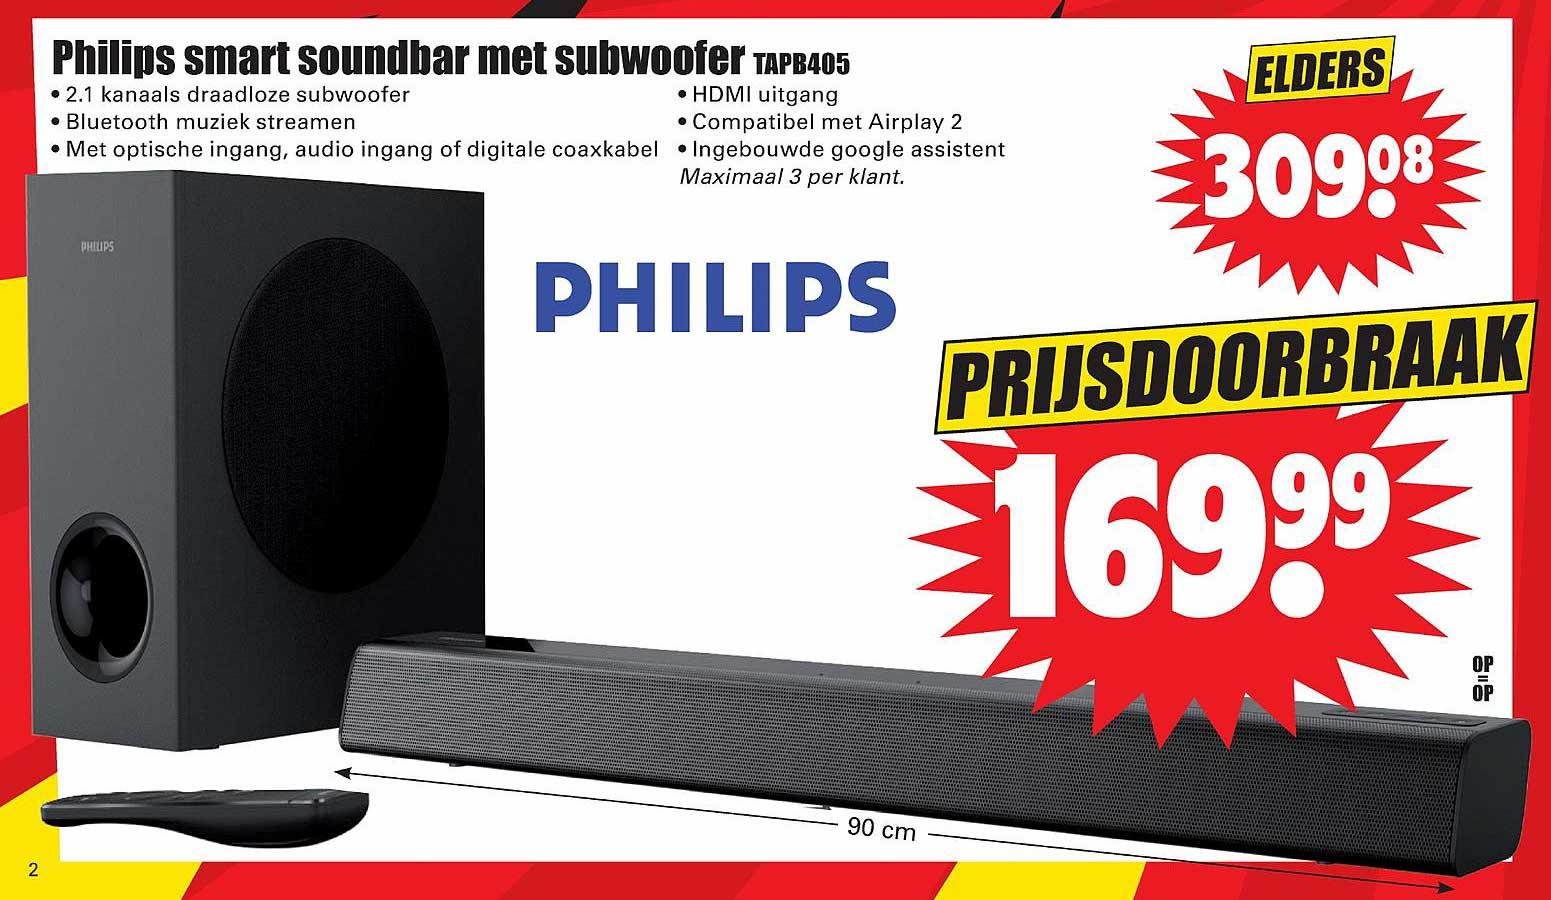 Dirk Philips Smart Soundbar Met Subwoofer TAPB405